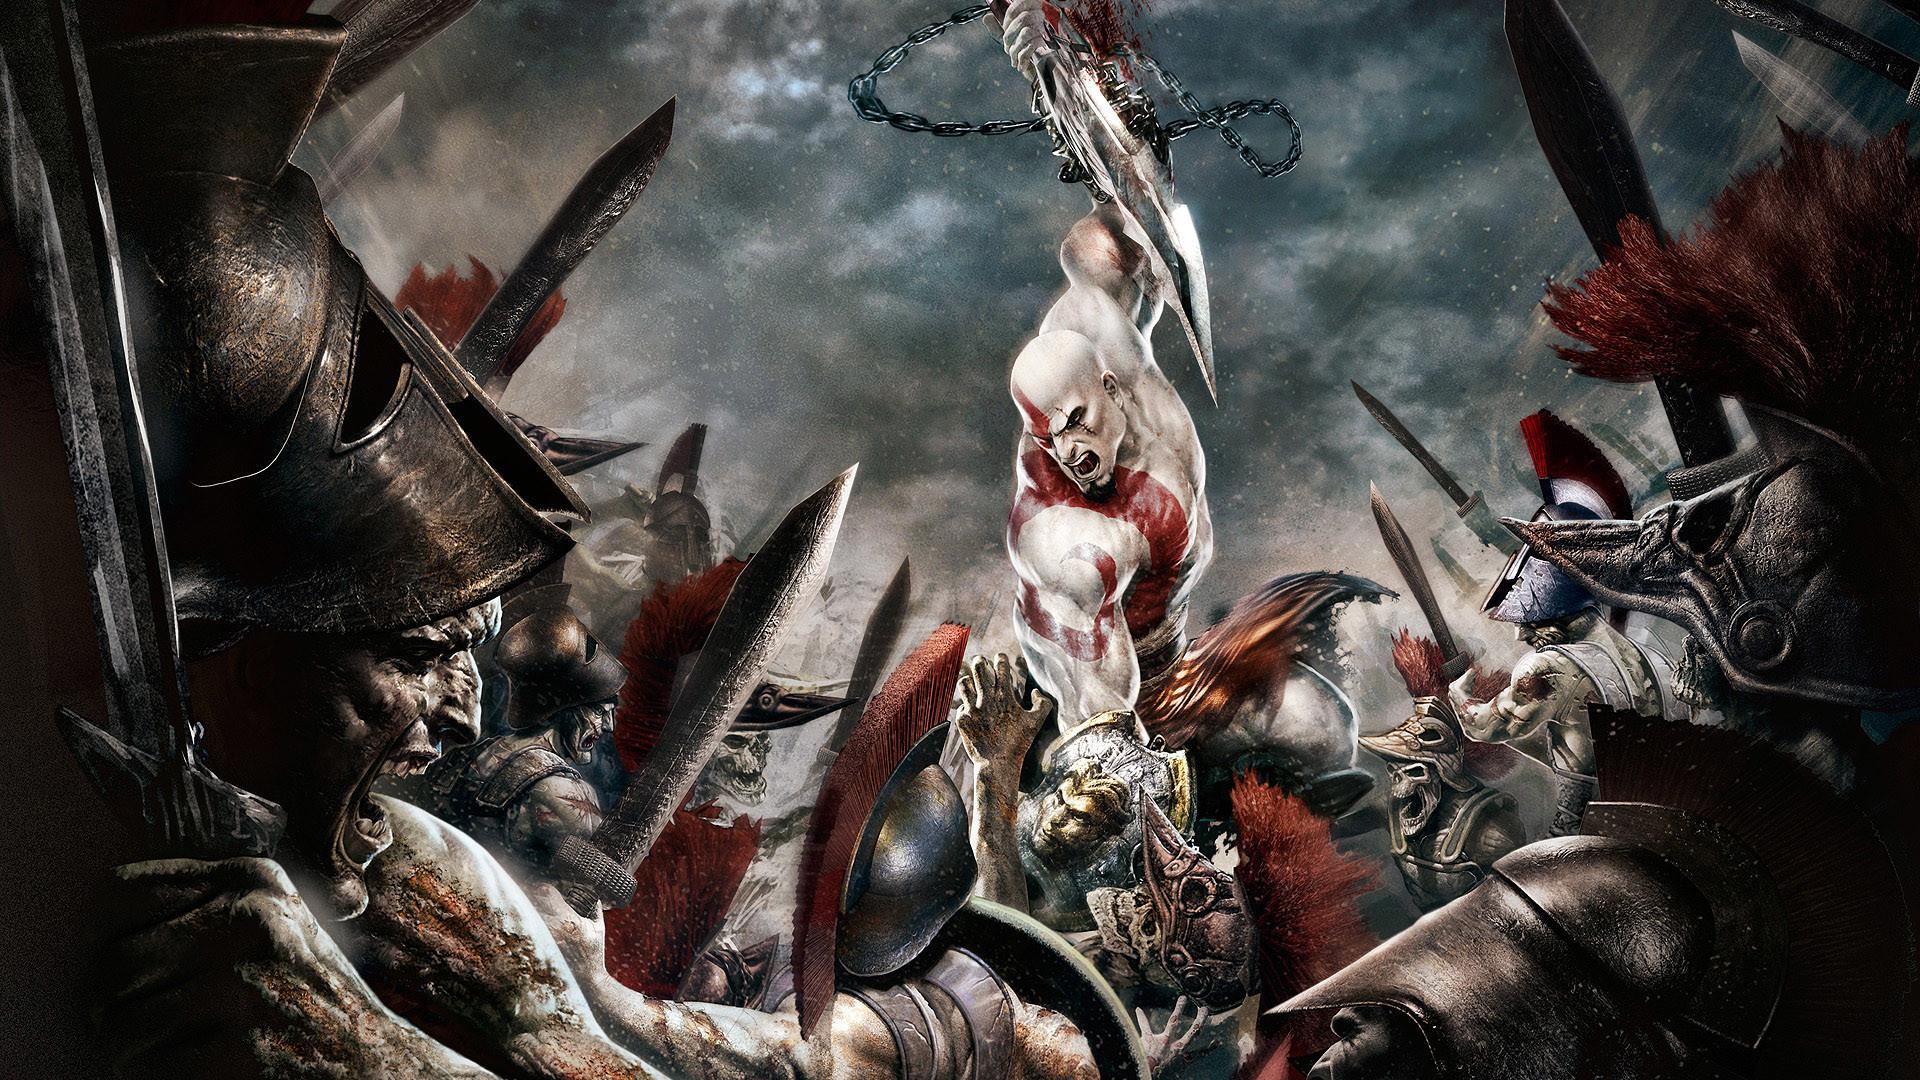 God Of War HD desktop wallpaper High Definition Fullscreen